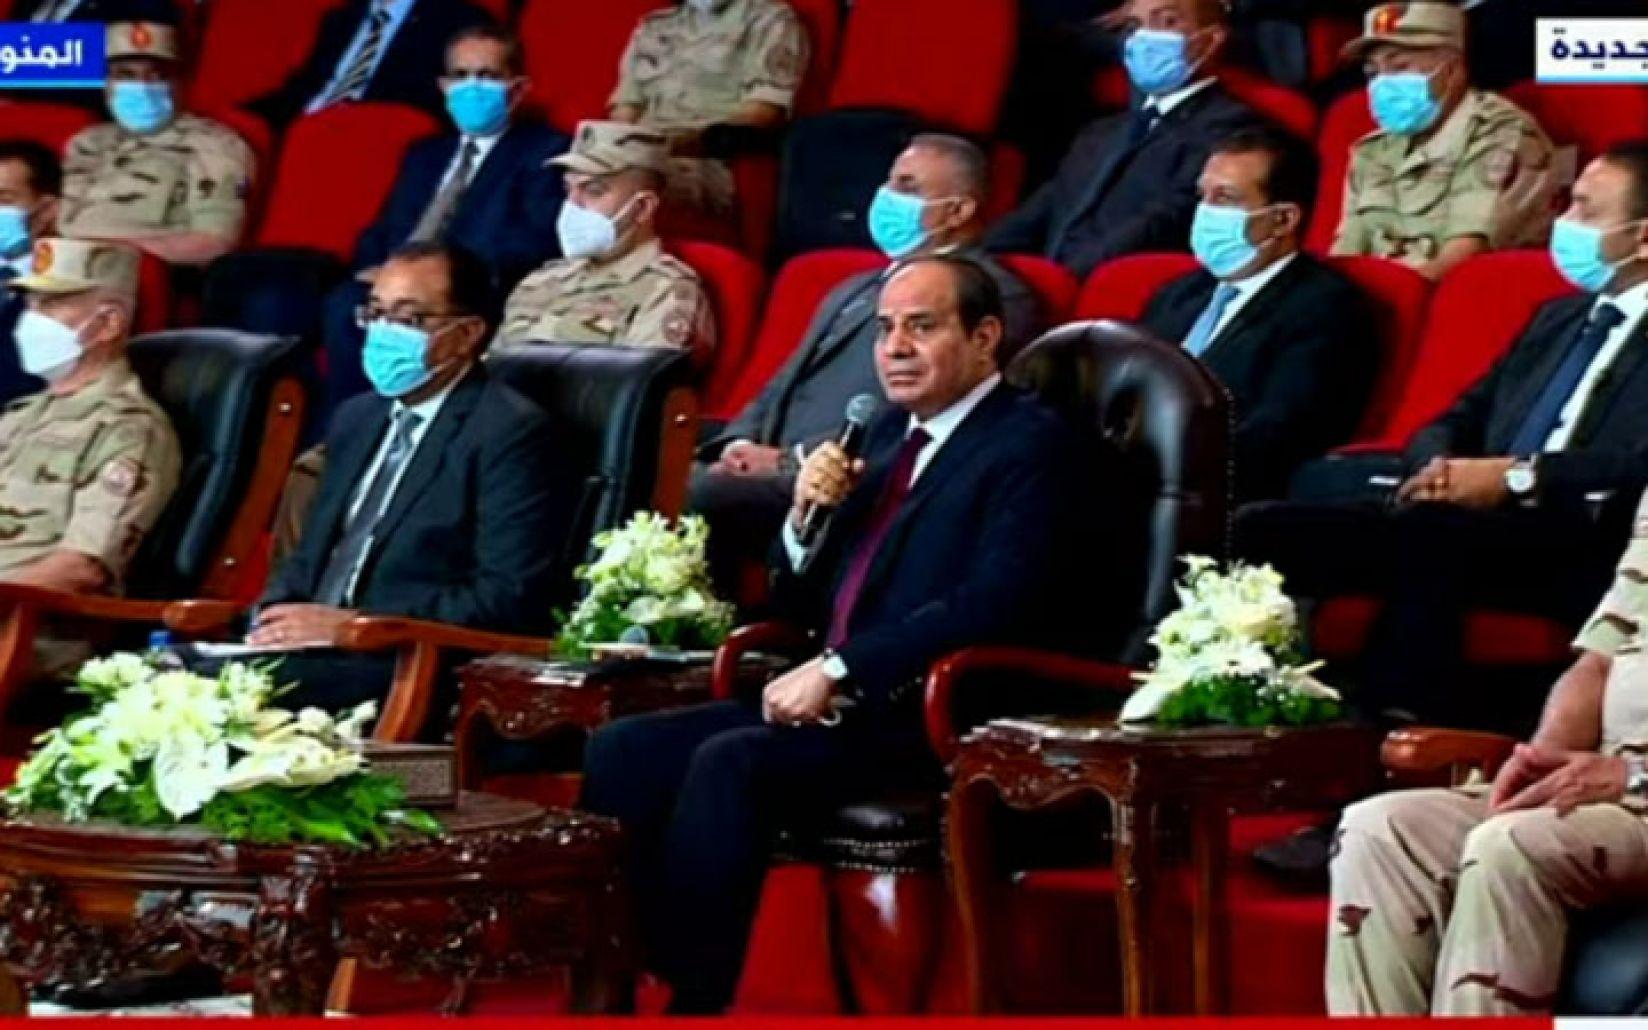 """""""إلا رغيف العيش"""".. ما قاله السيسي في أحدث ظهور له على الهواء فجر غضب المصريين (فيديو)"""